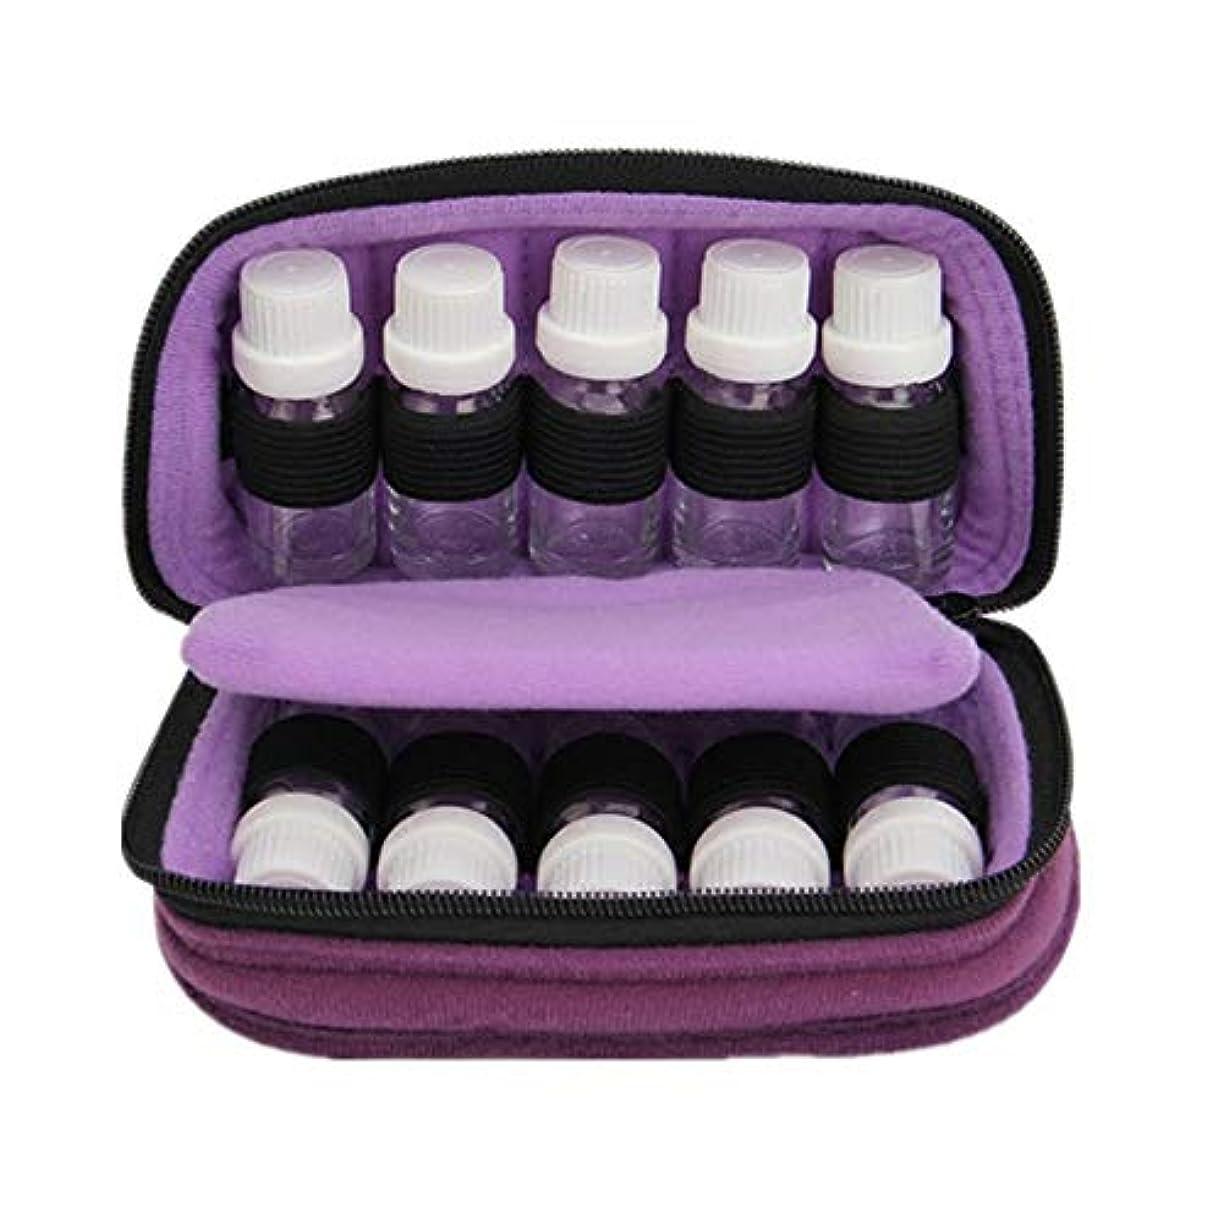 しおれた不健全爆発するエッセンシャルオイルの保管 ケース収納キャリング10ボトルエッセンシャルオイルは、走行用の10&15のM1トラベルオーガナイザーポーチバッグパーフェクトにフィット (色 : 紫の, サイズ : 18X10X7.5CM)